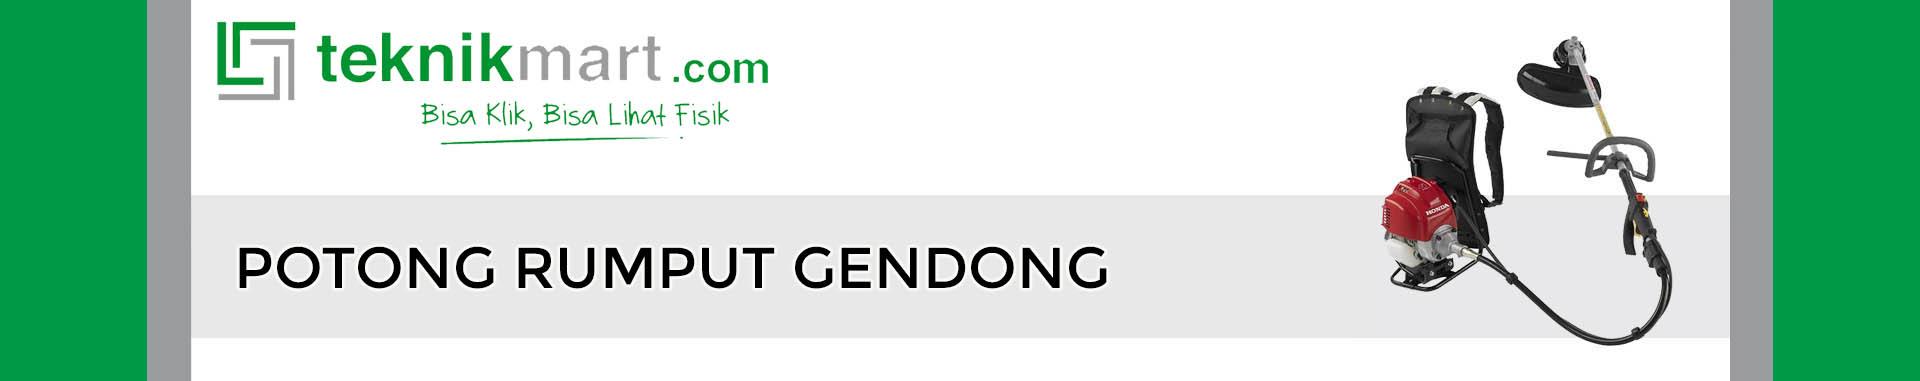 Potong Rumput Gendong